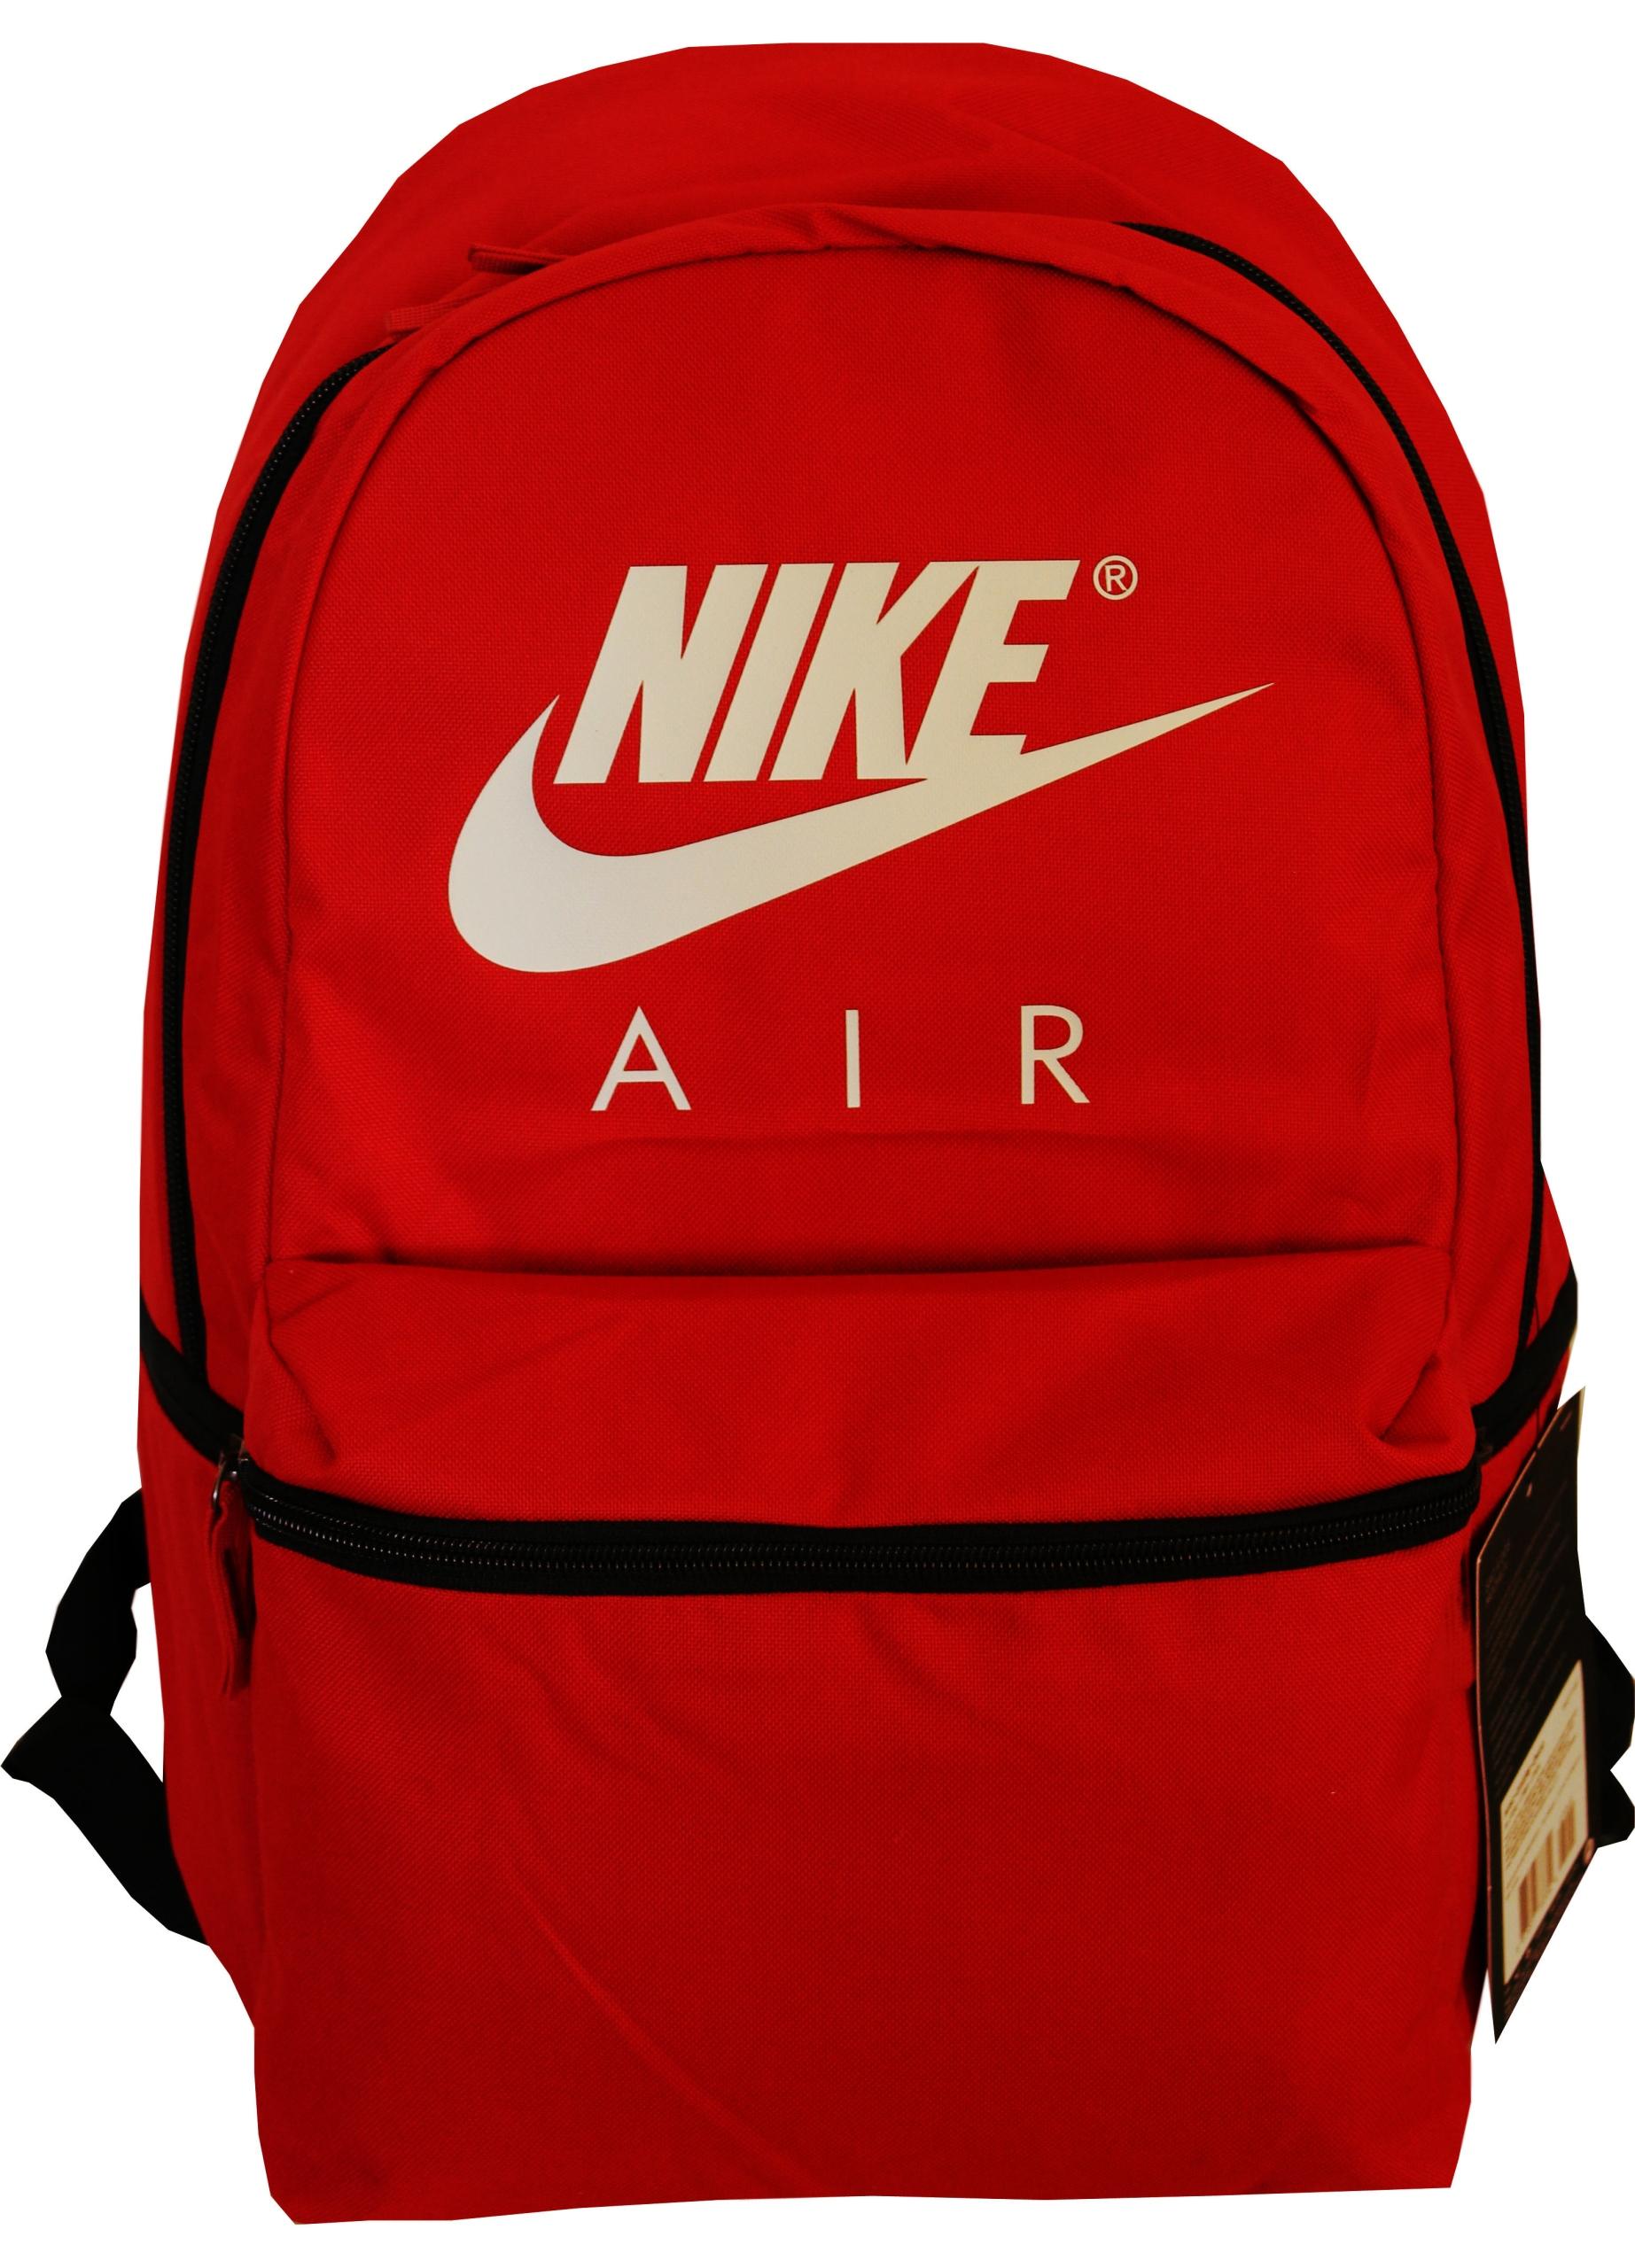 9549e99797489 Plecak NIKE szkolny czerwony do szkoły 2-KOMOROWY - 7439074932 ...